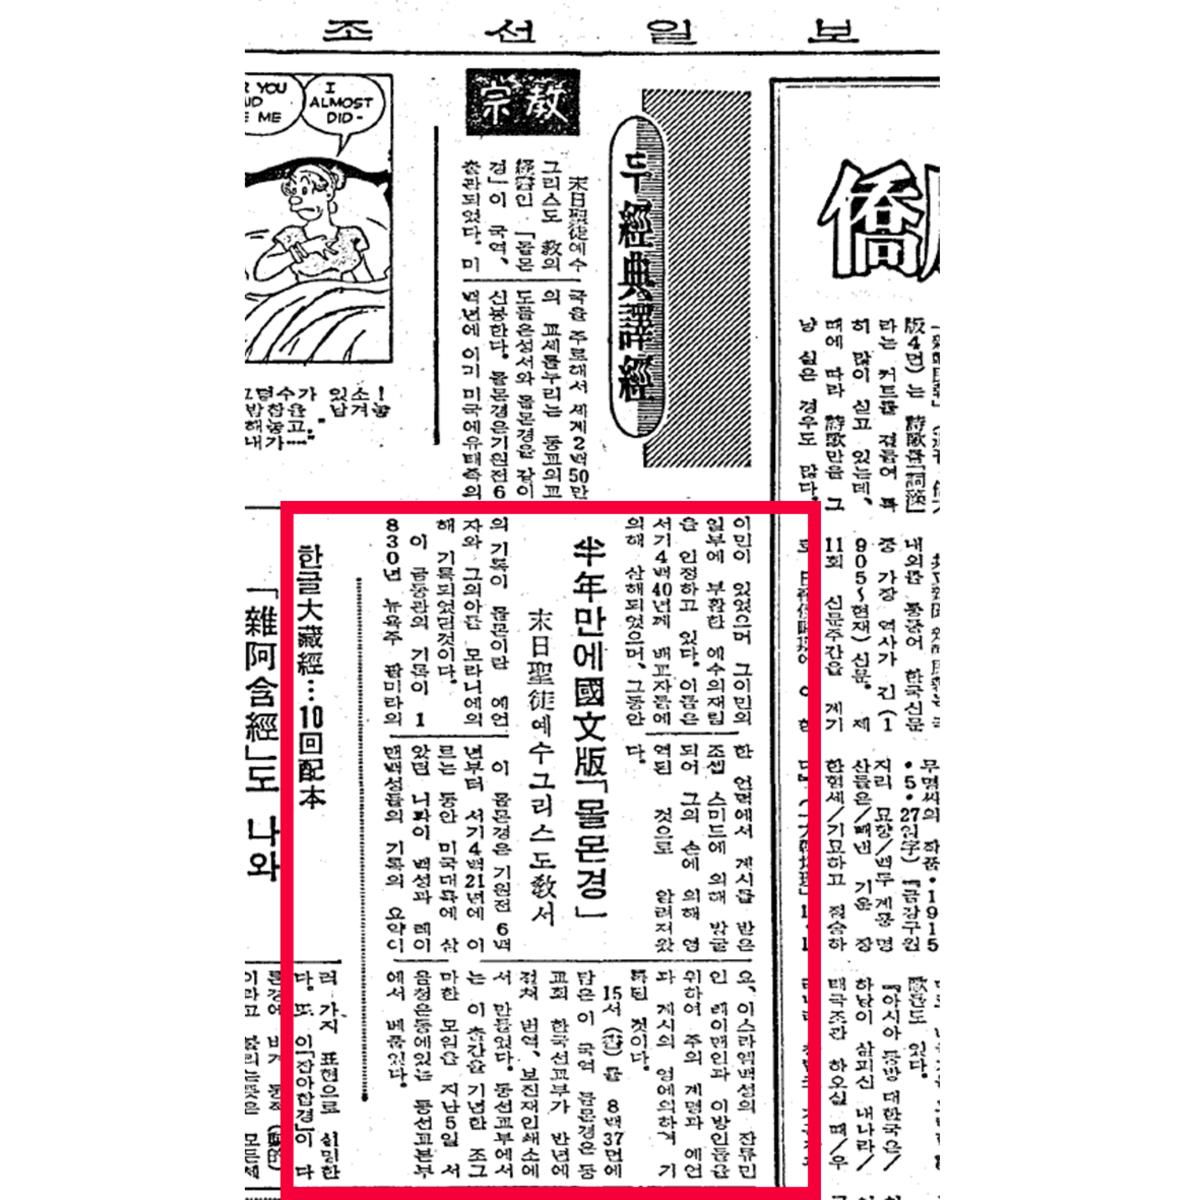 1. 일간지에 게재된 몰몬경 출판 기사 (1967. 4. 11)